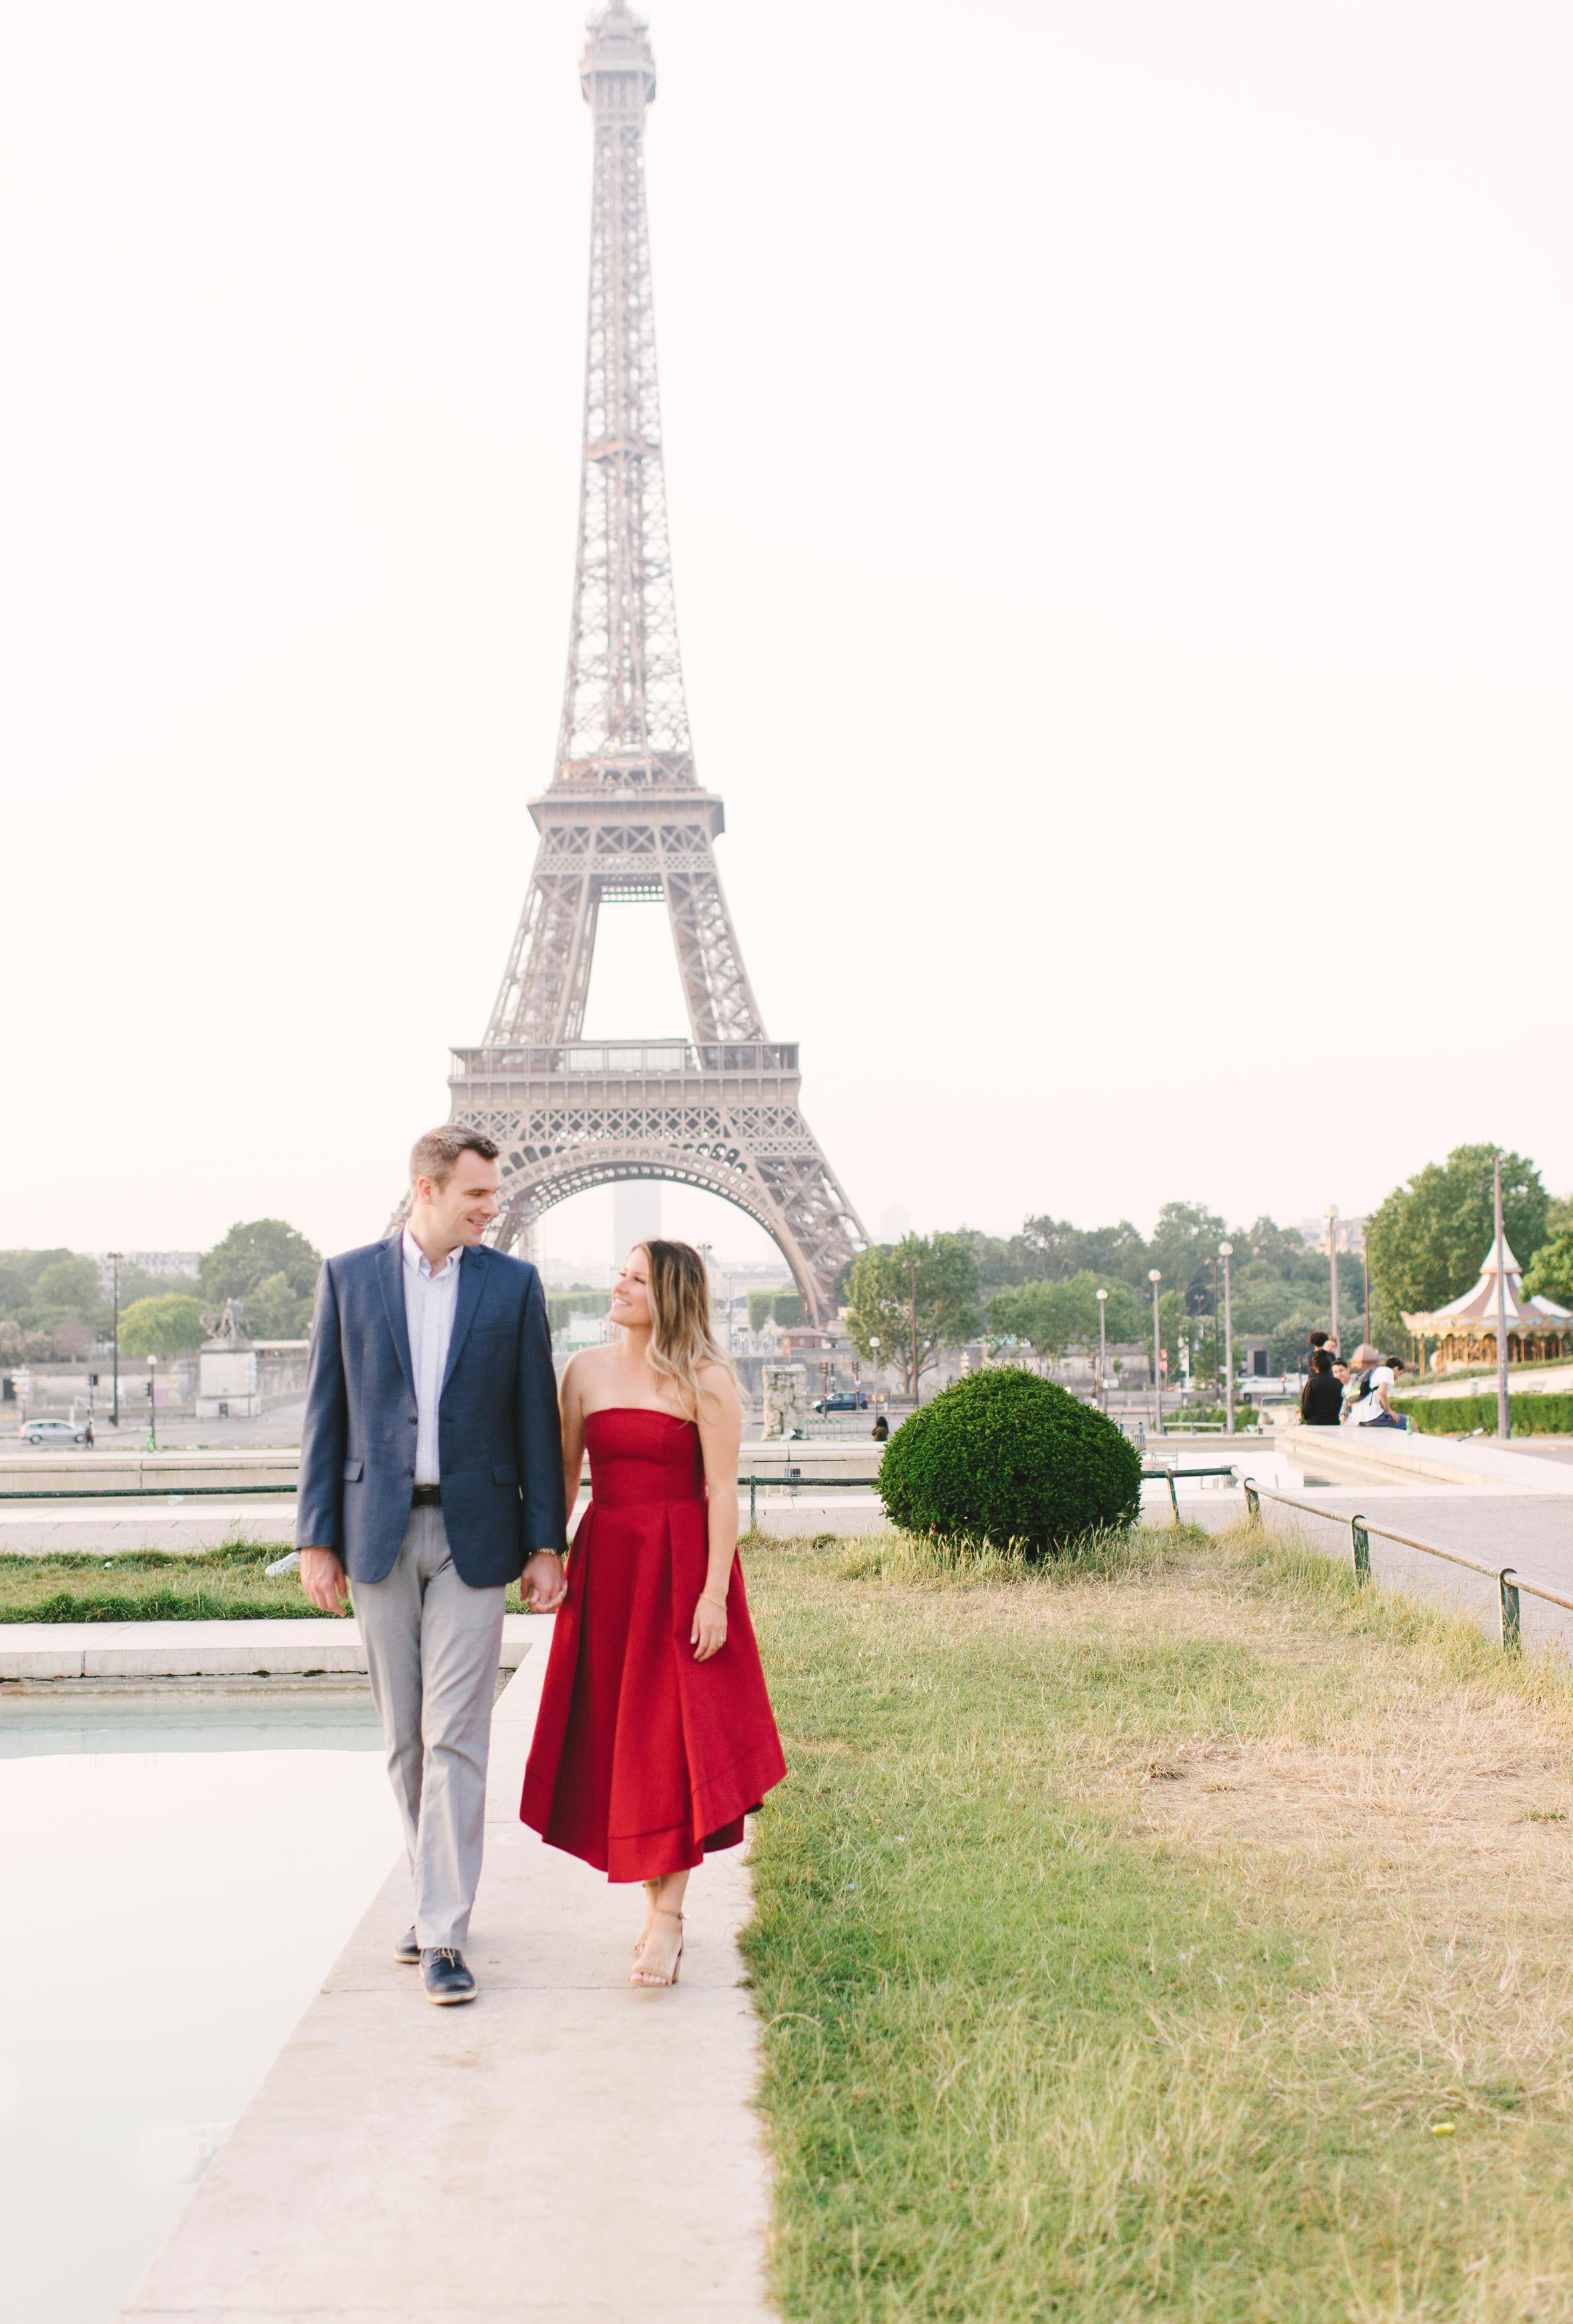 Couple-portrait-session-Paris-EiffelTower-Seine-Cafe041.jpg